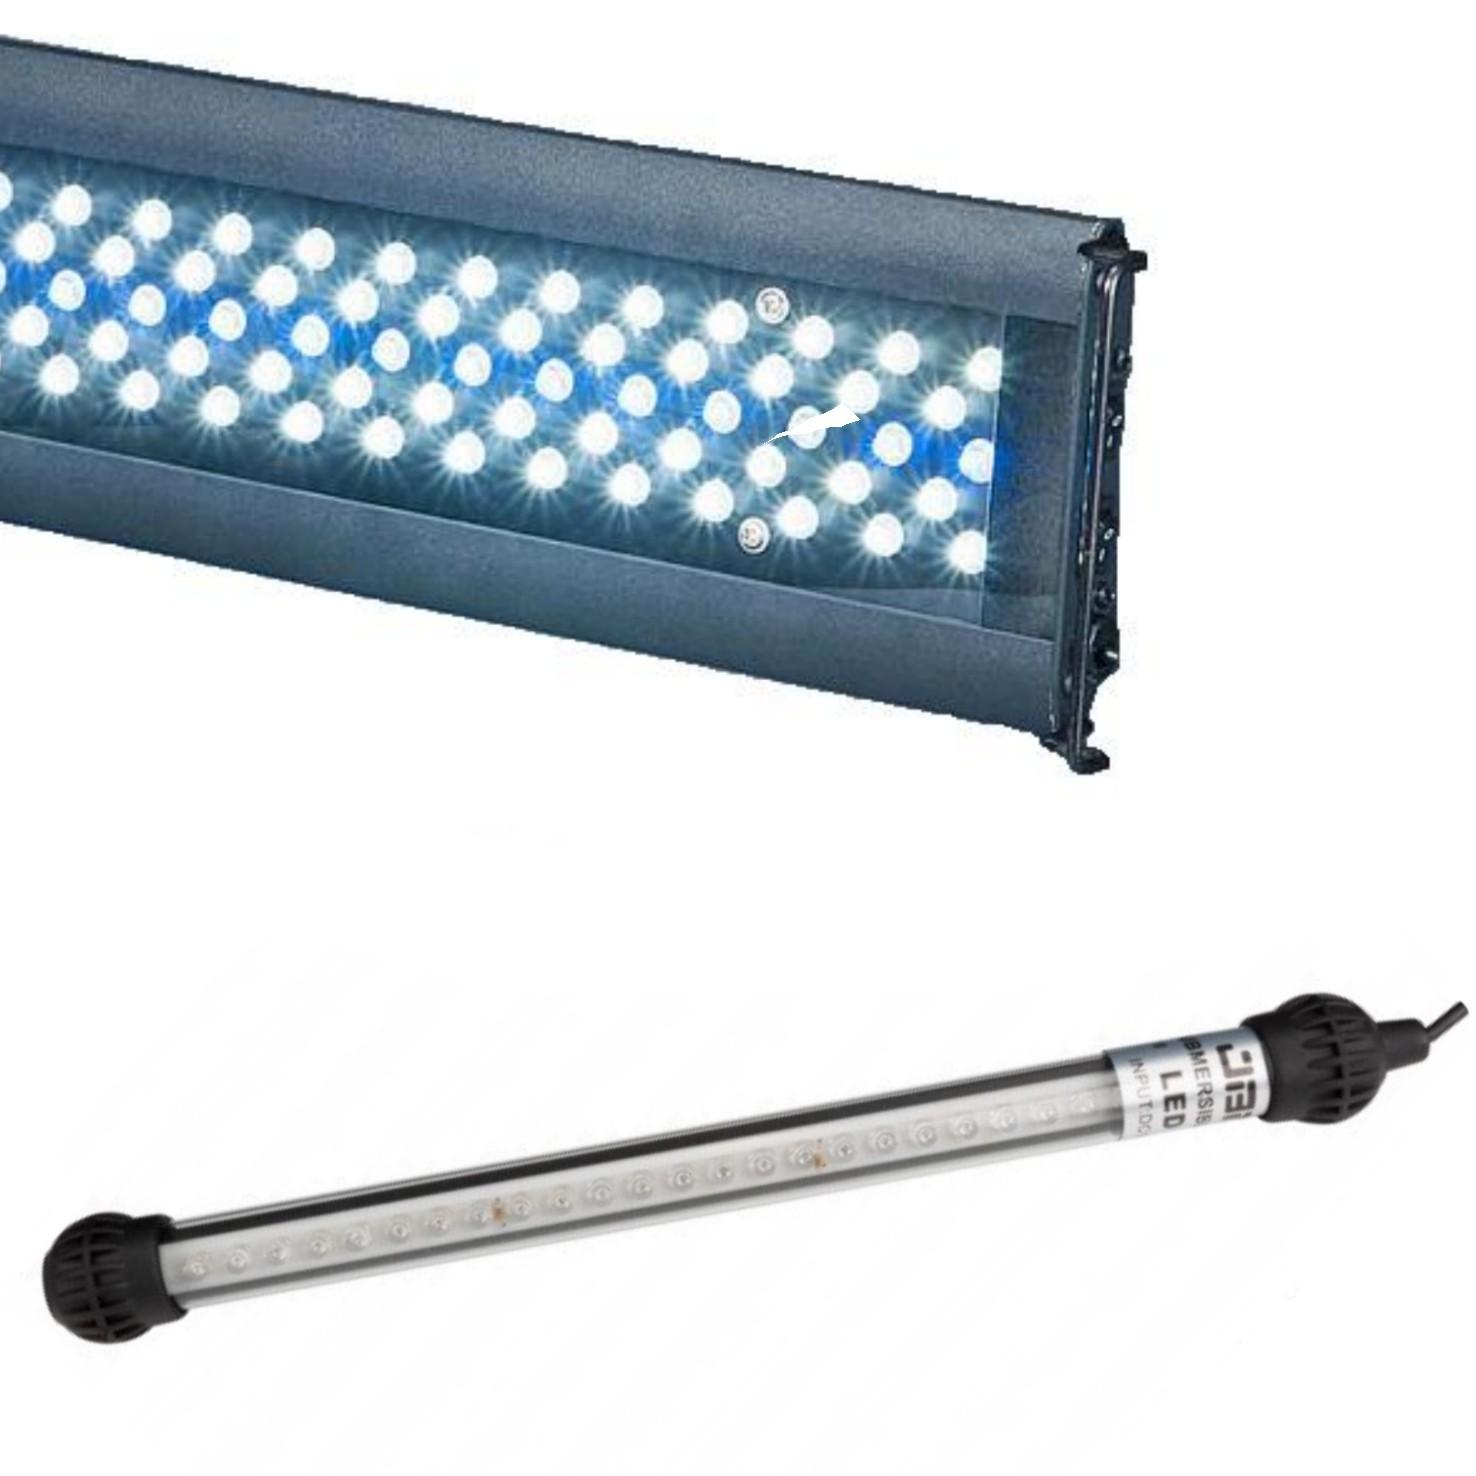 Alumbrado LED Iluminacion LED Interior de Calidad  AGRALED